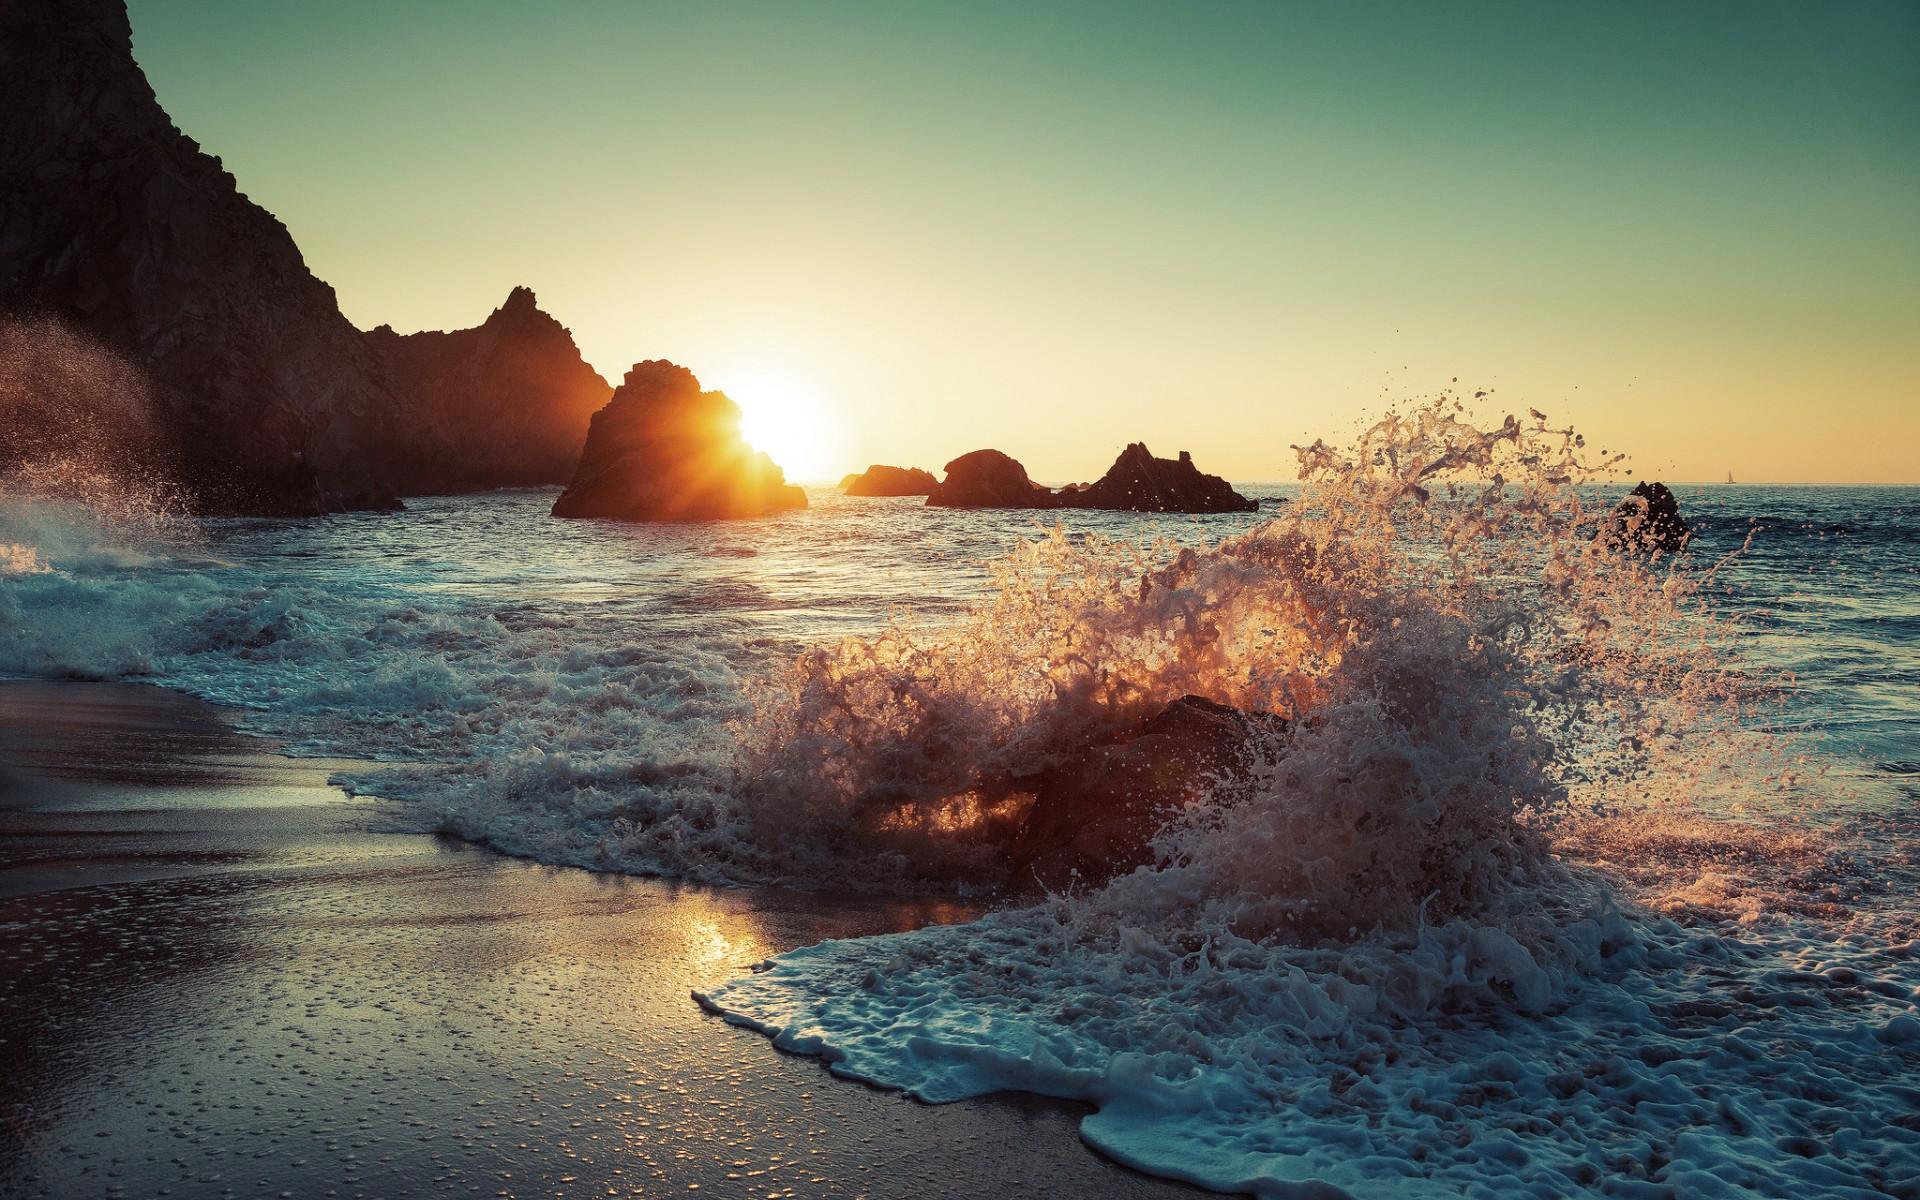 лучшие фото моря и океана пляж